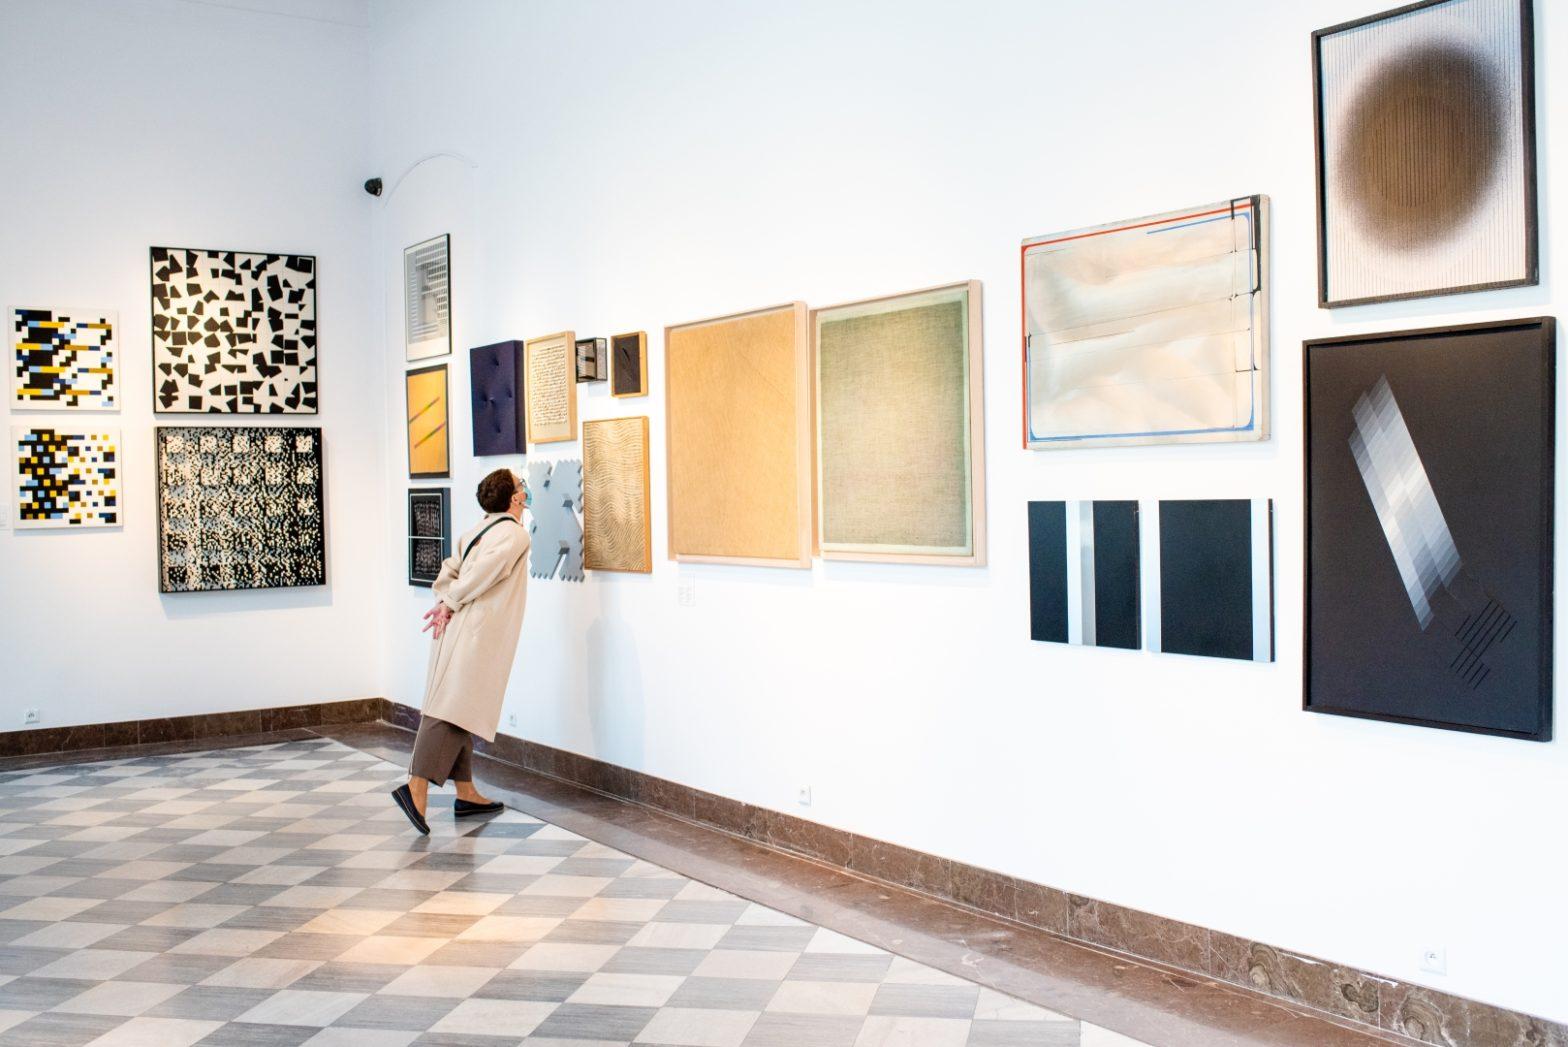 Kobieta przygląda się obrazowi w muzeum.